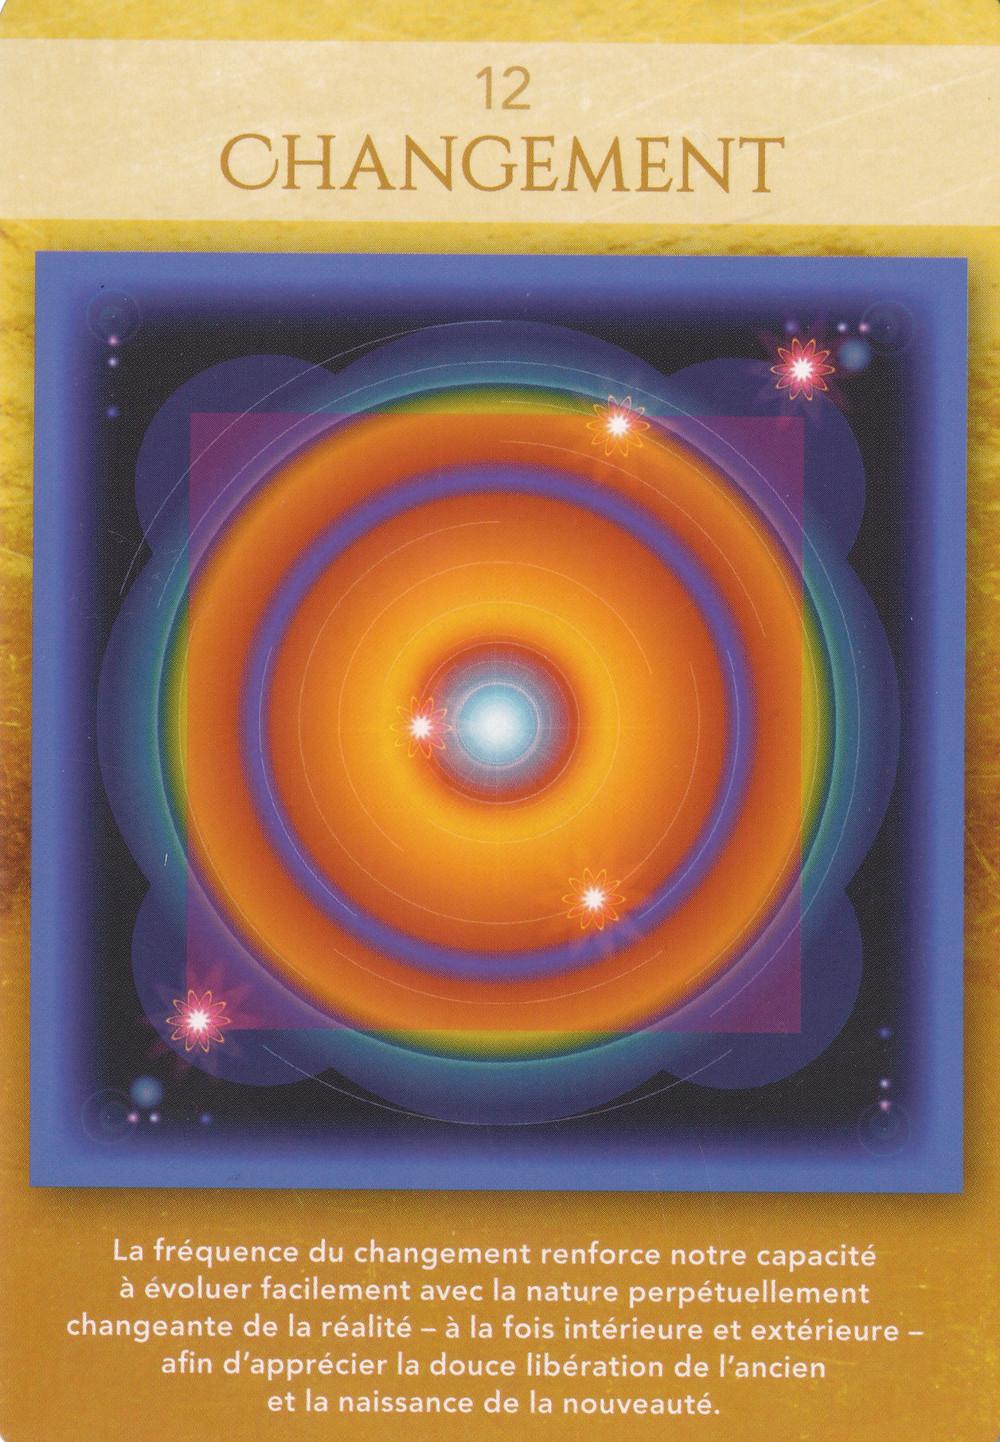 Carte tirée du Jeu Géométrie Sacrée de Lon - 12 Changement. Energies de la semaine du 23 au 29 septembre 2019. Équinoxe d'automne et Nouvelle Lune du 28